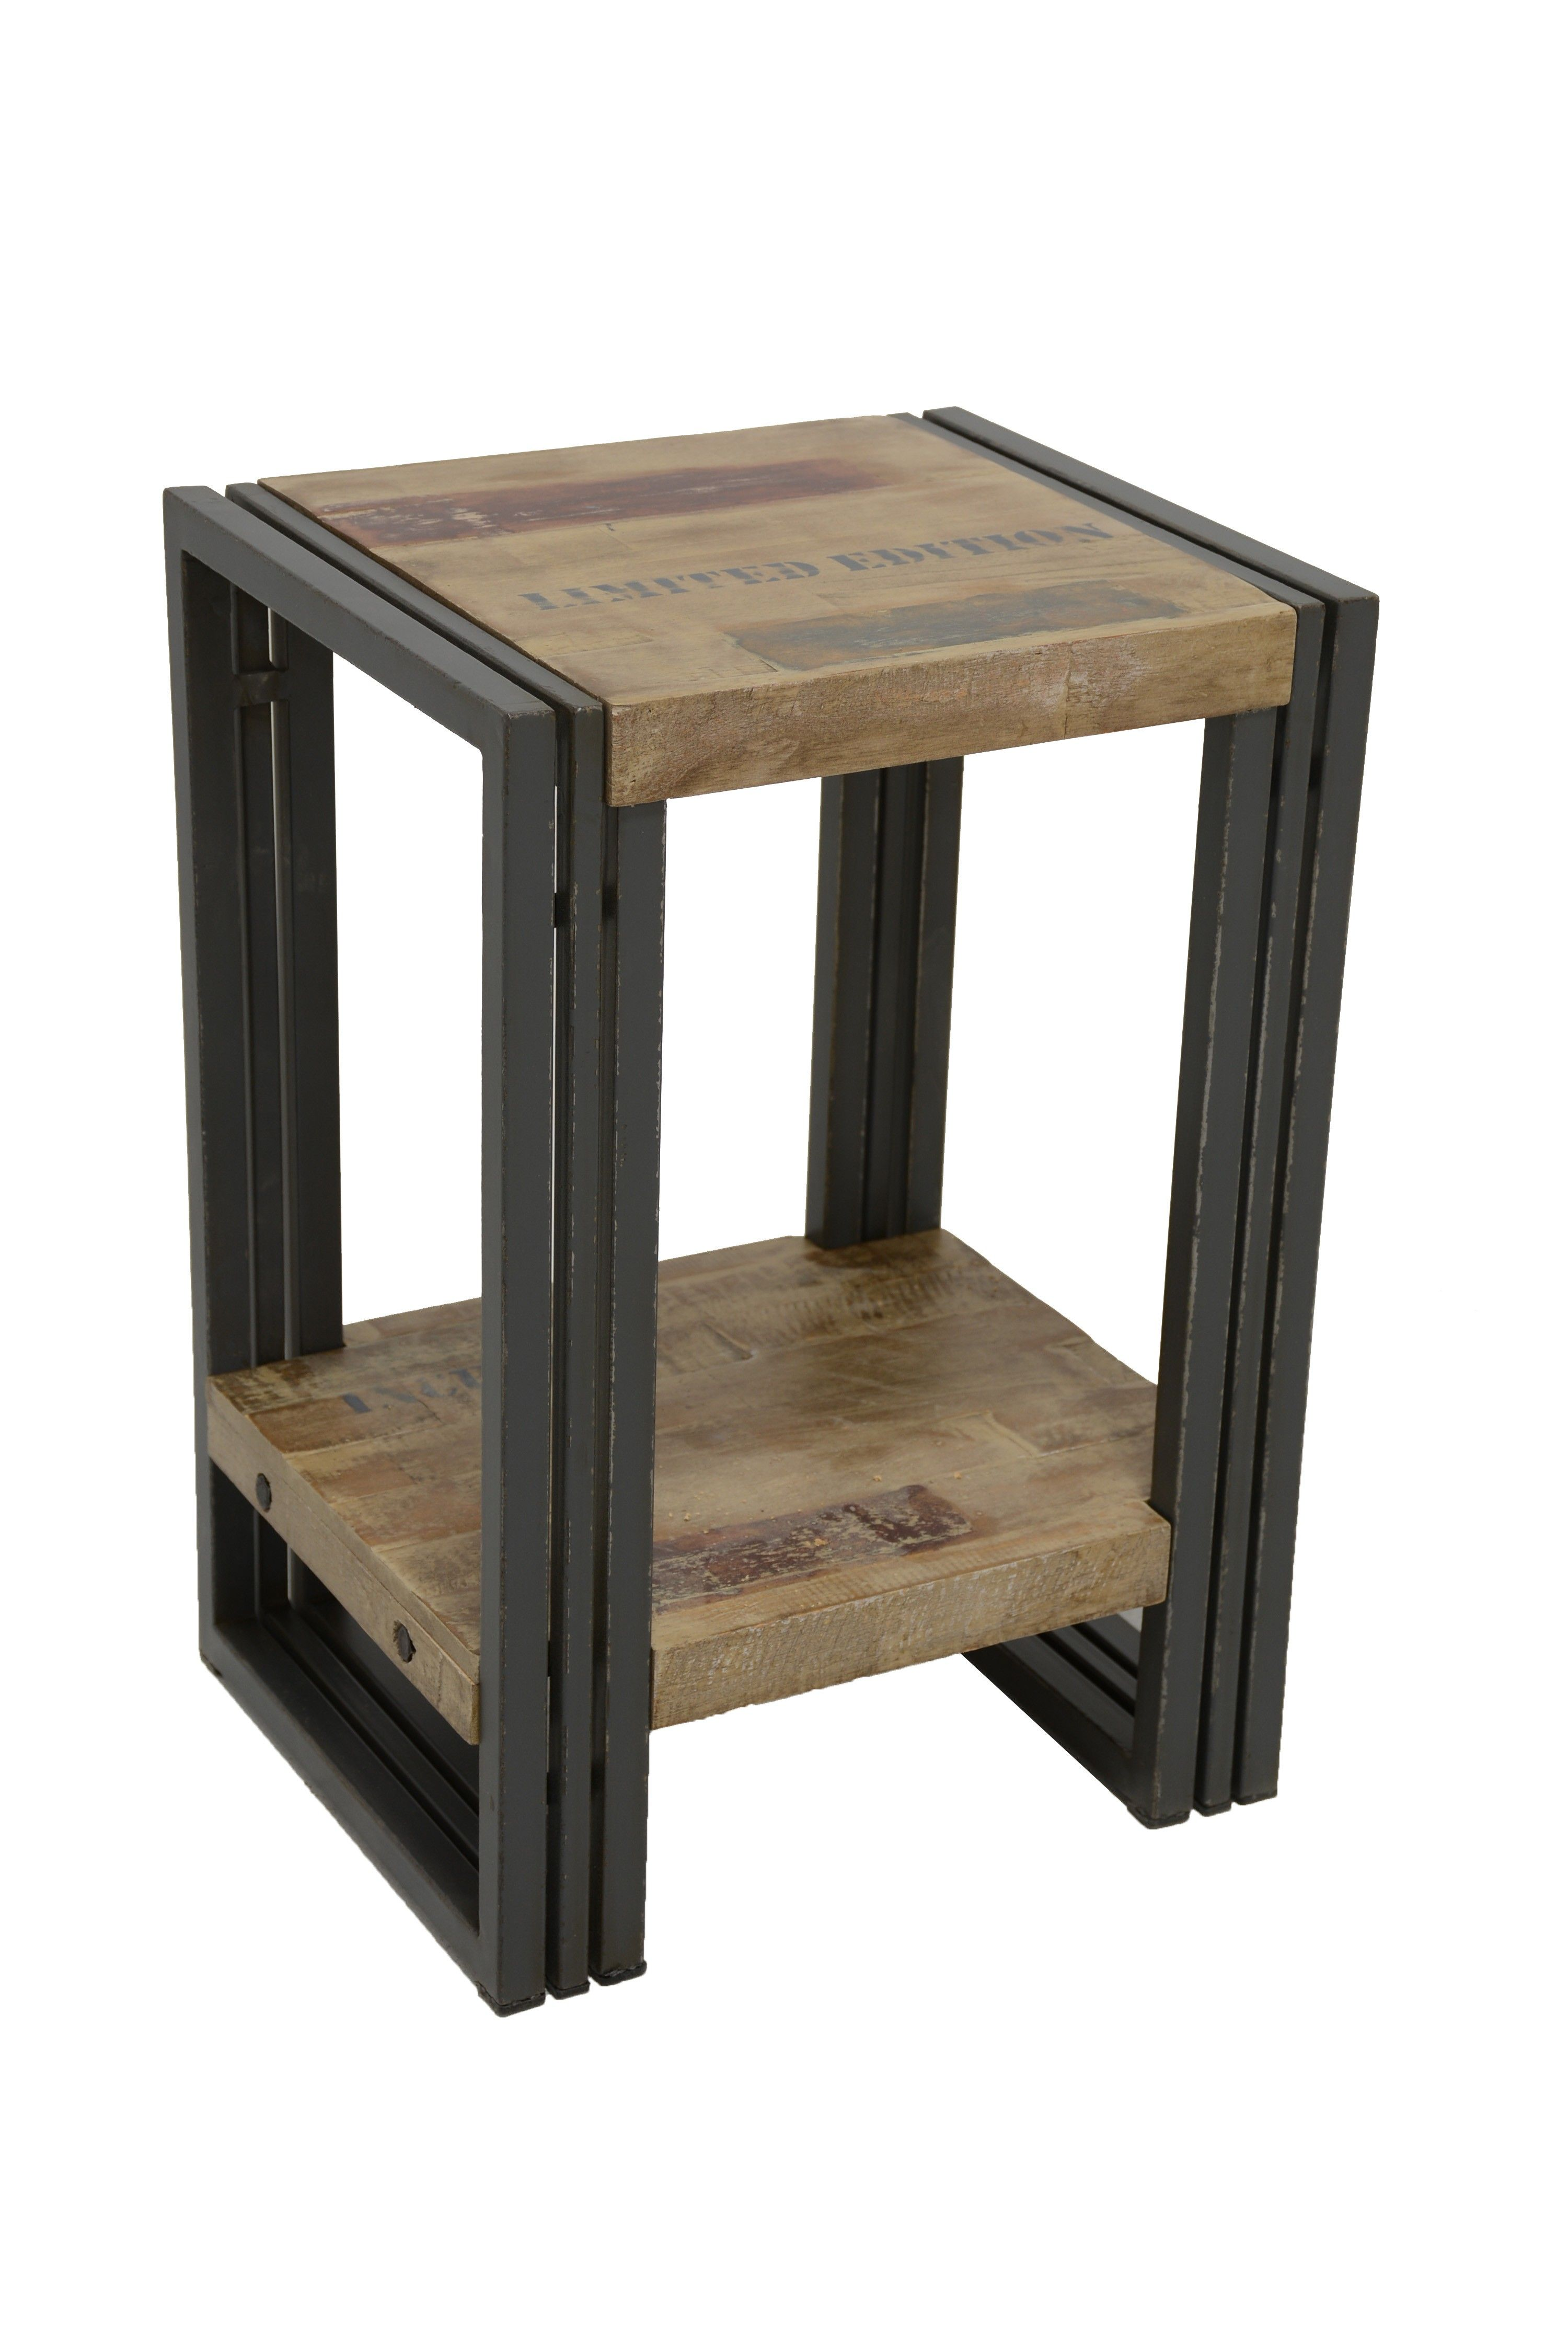 Bout De Canape Table D Appoint Hevea Recycle Blanchi Et Metal Noirci 2 Plateaux 35x30x50cm Docker Bout De Canape Canape En Bois Table D Appoint